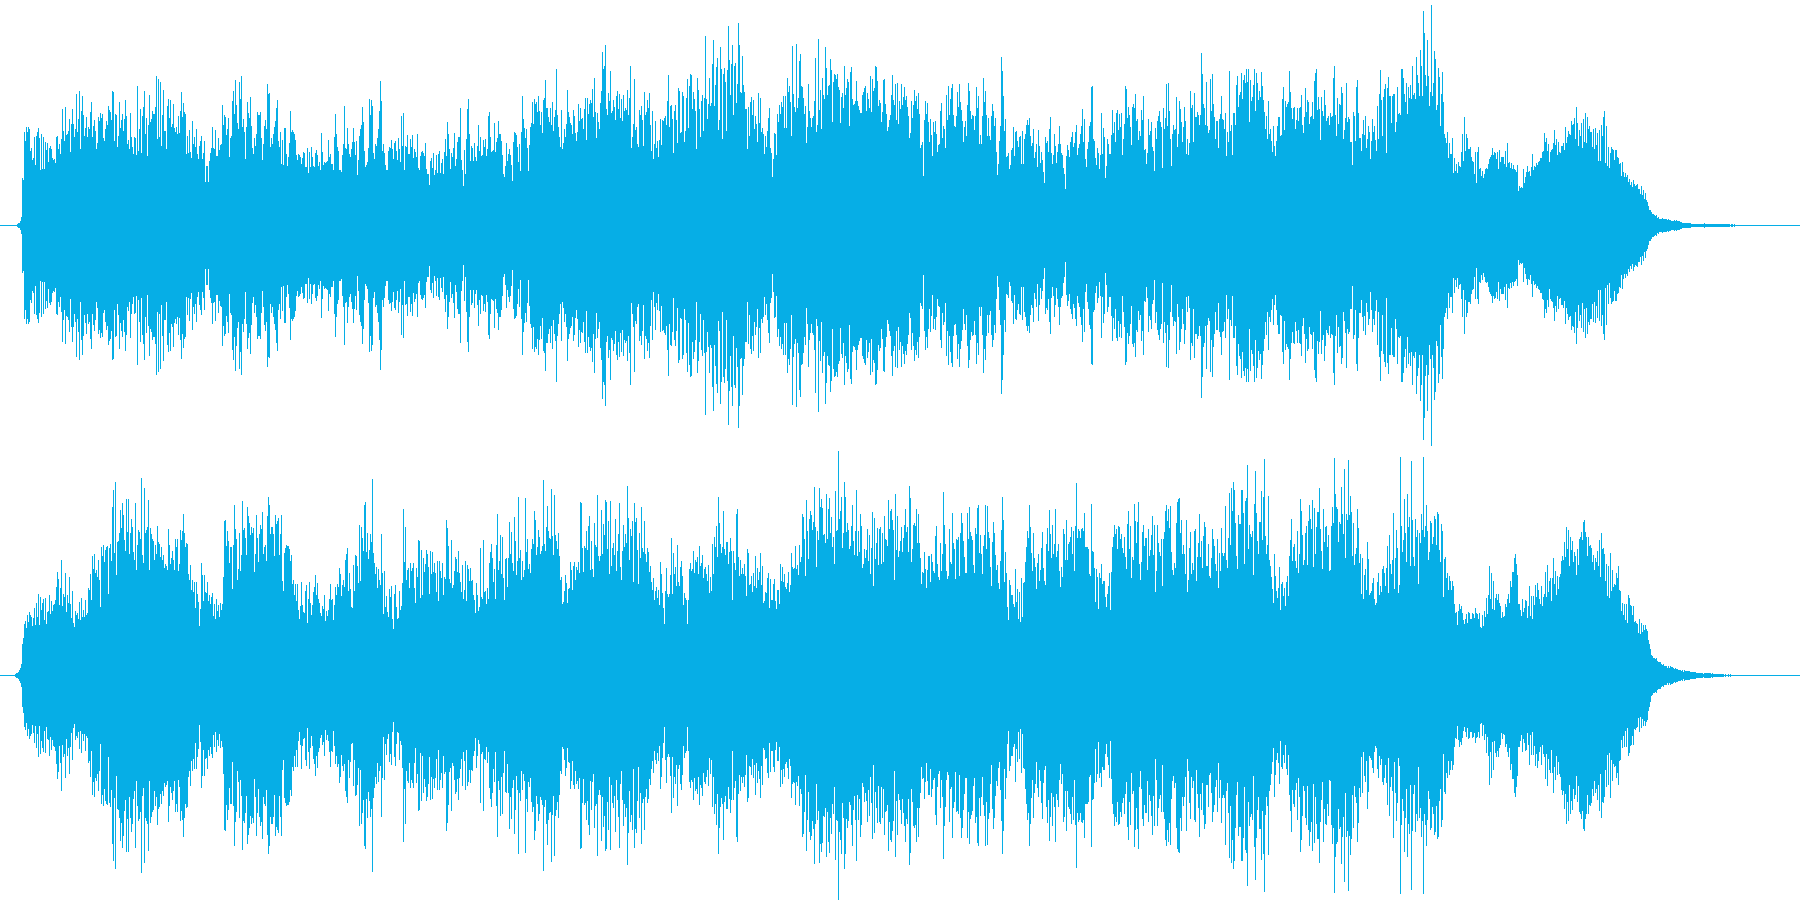 CMや映像、ピアノ、ストリングス、15秒の再生済みの波形